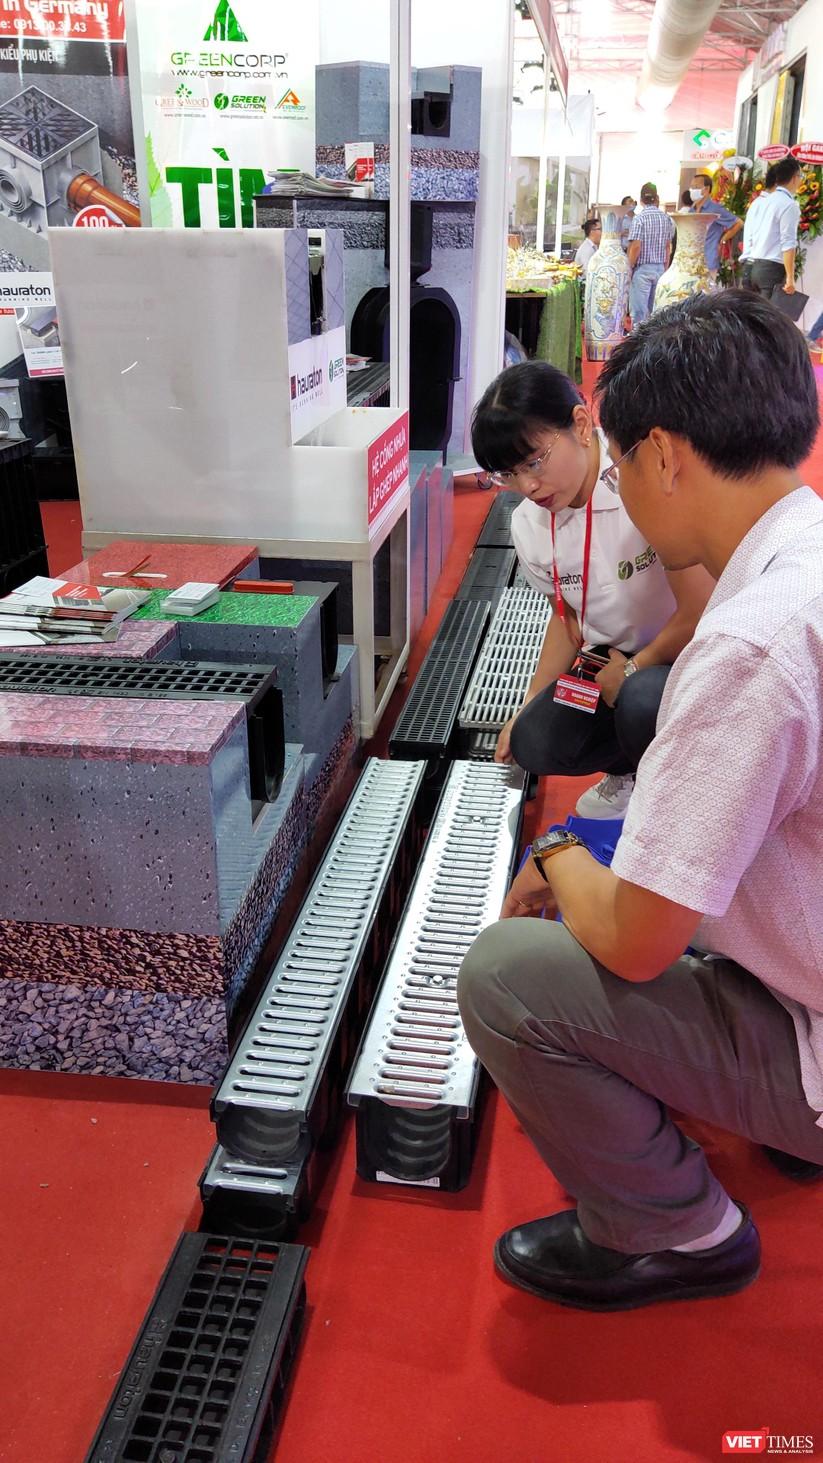 Giới xây dựng quan tâm tới hệ cống composite lắp ghép nhanh do GreenSolution phân phối